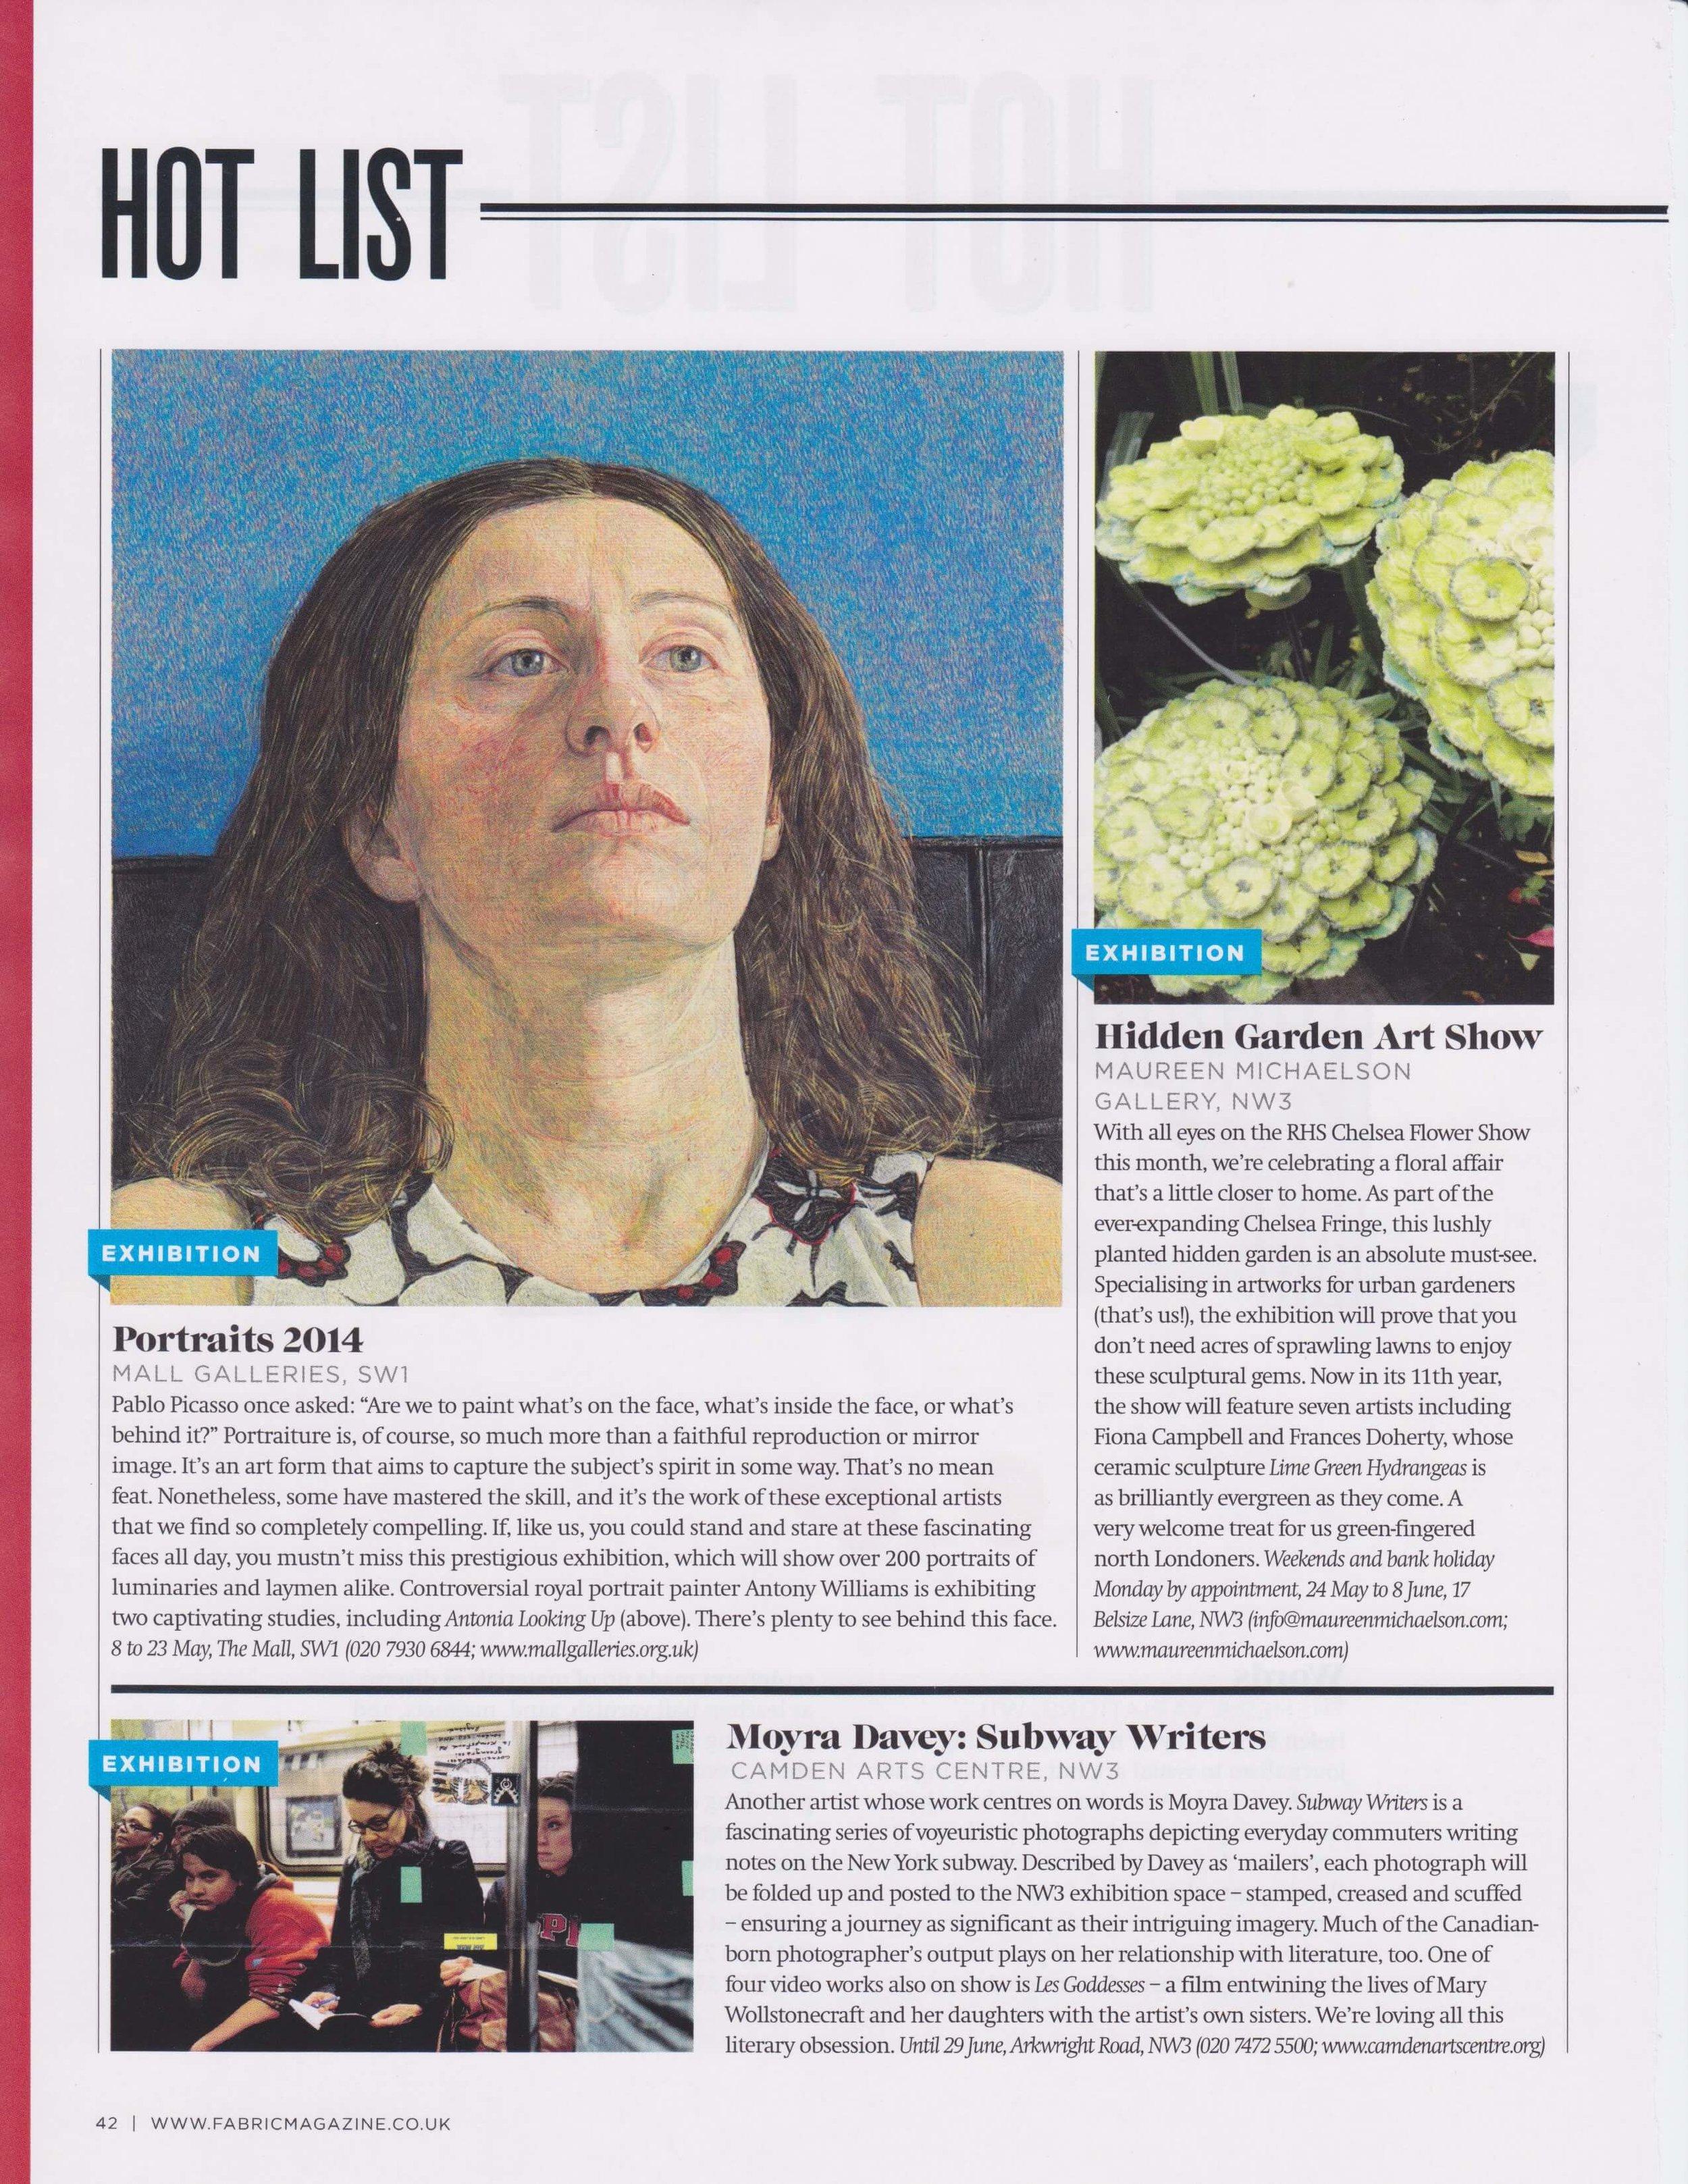 HiddenGarden Show, Fabric magazine May '14 issue